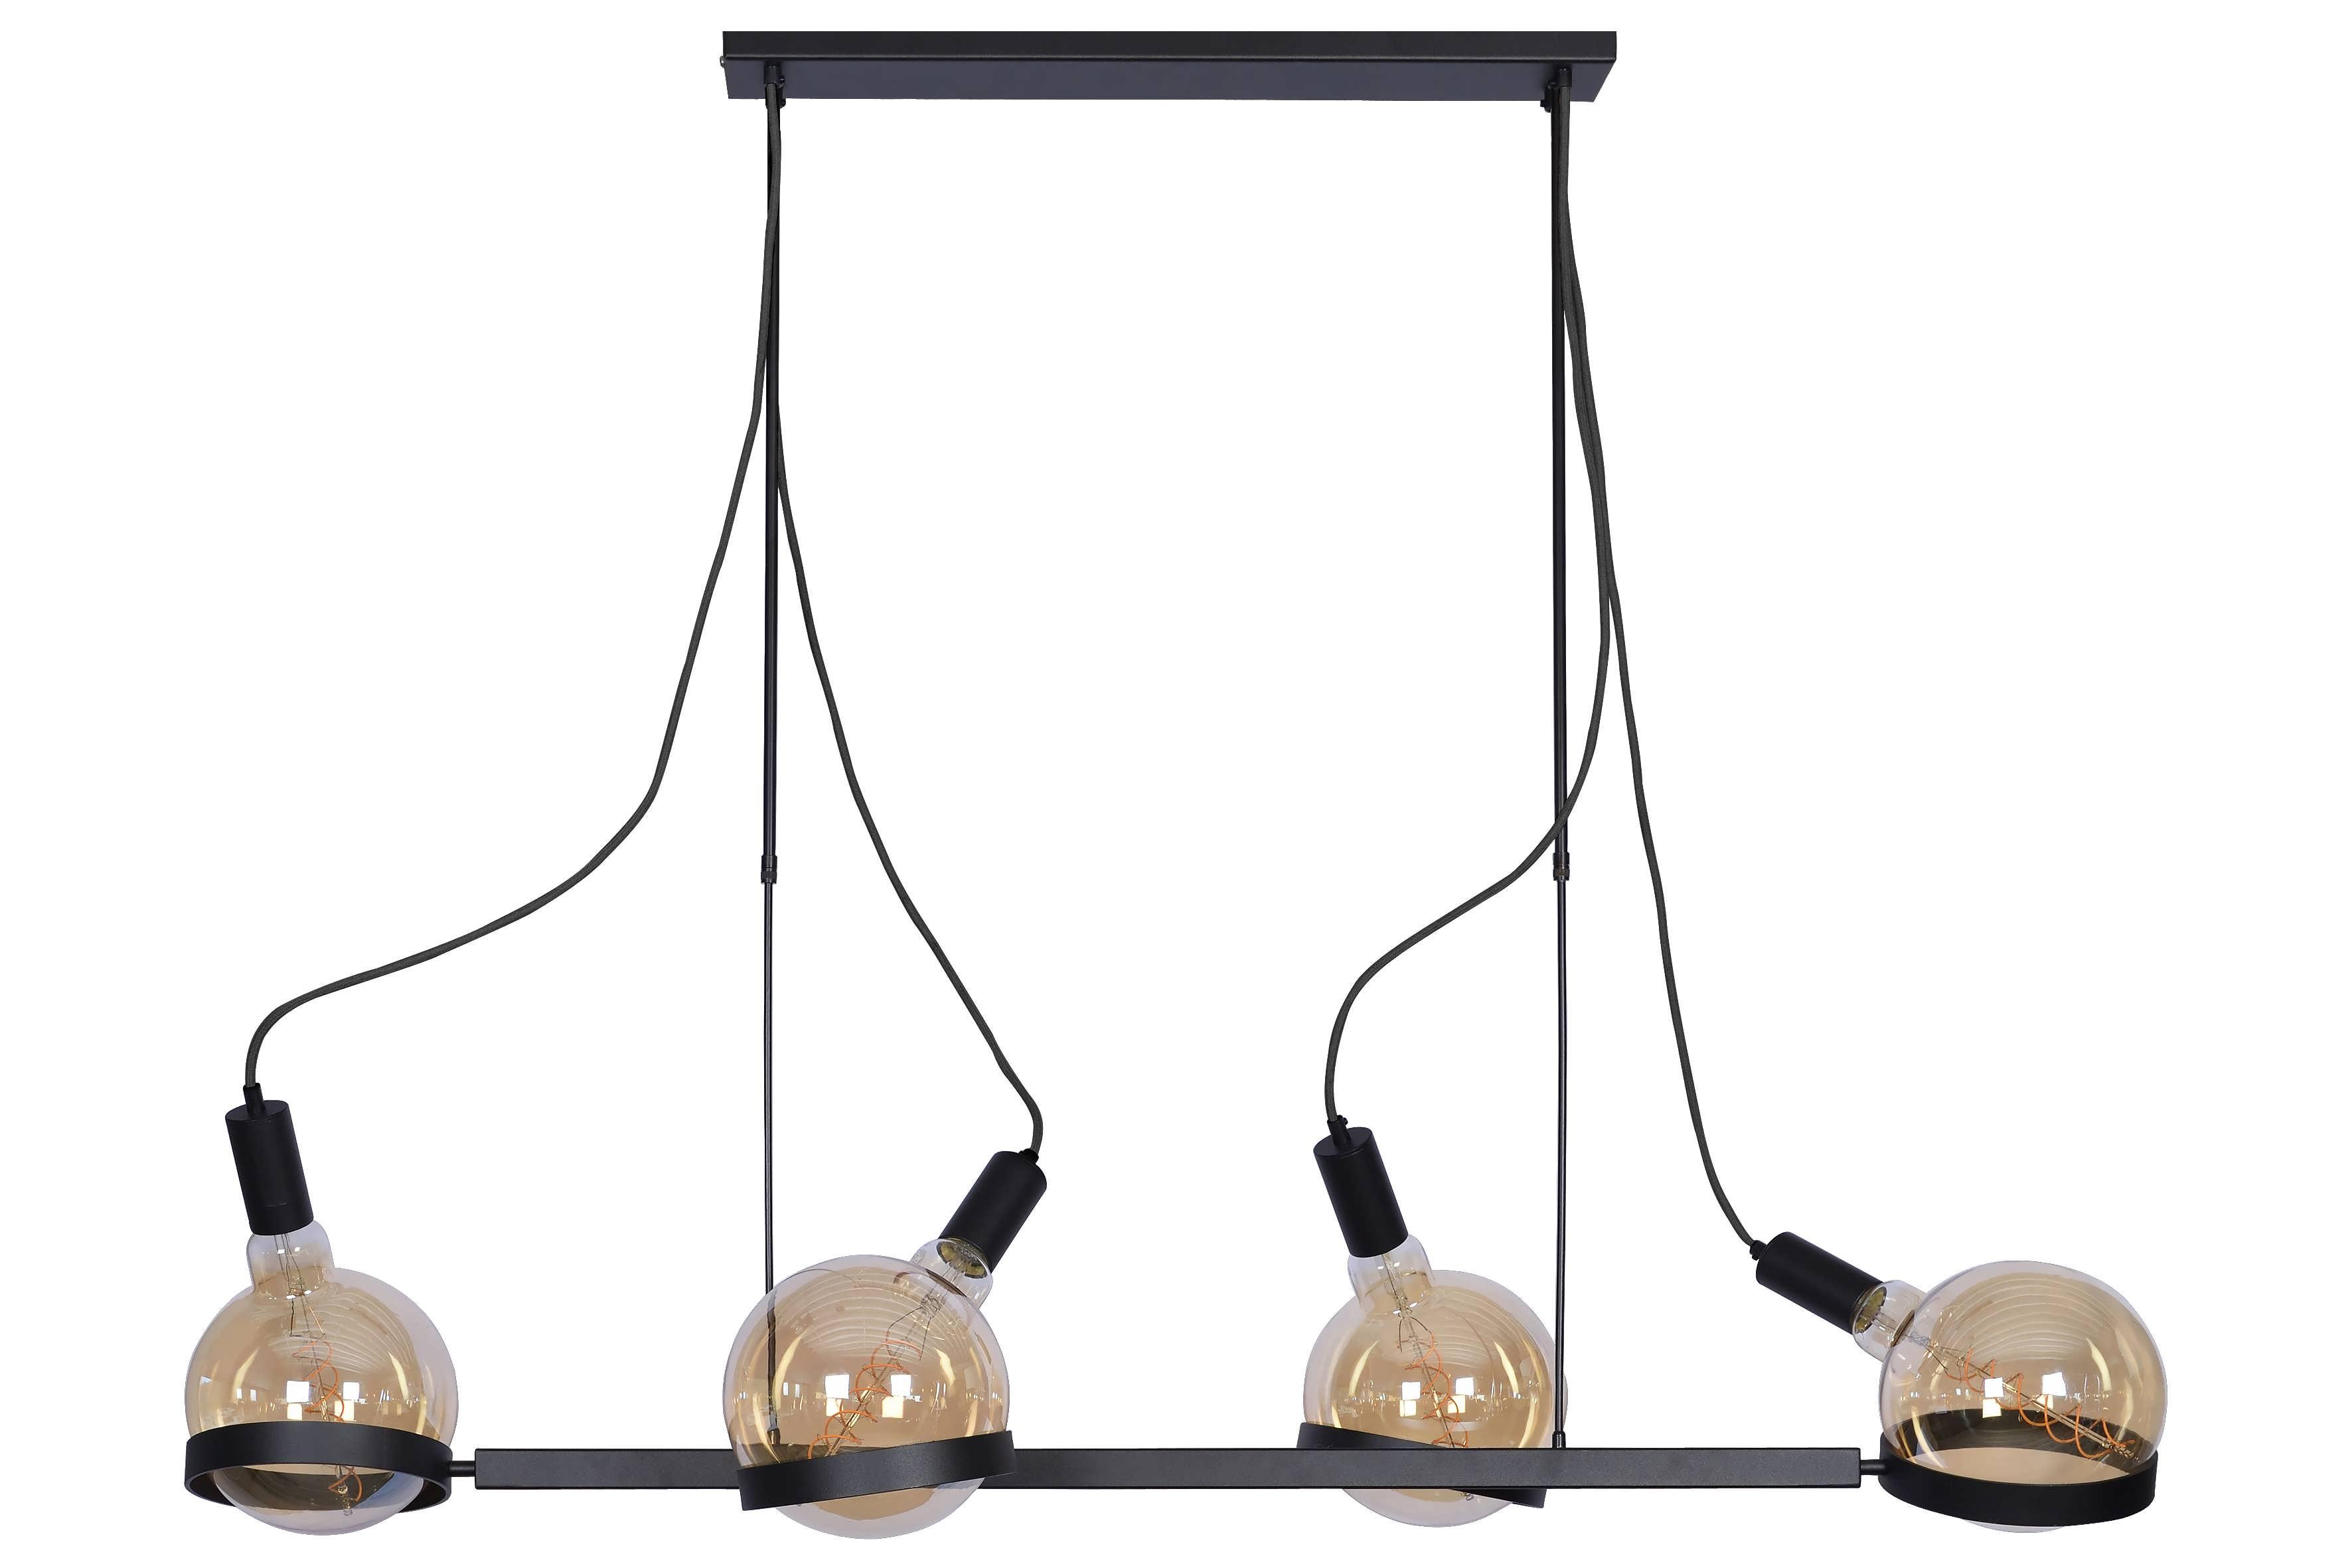 Hanglamp Minori 145cm - RAL 9005 zwart - 4x E27